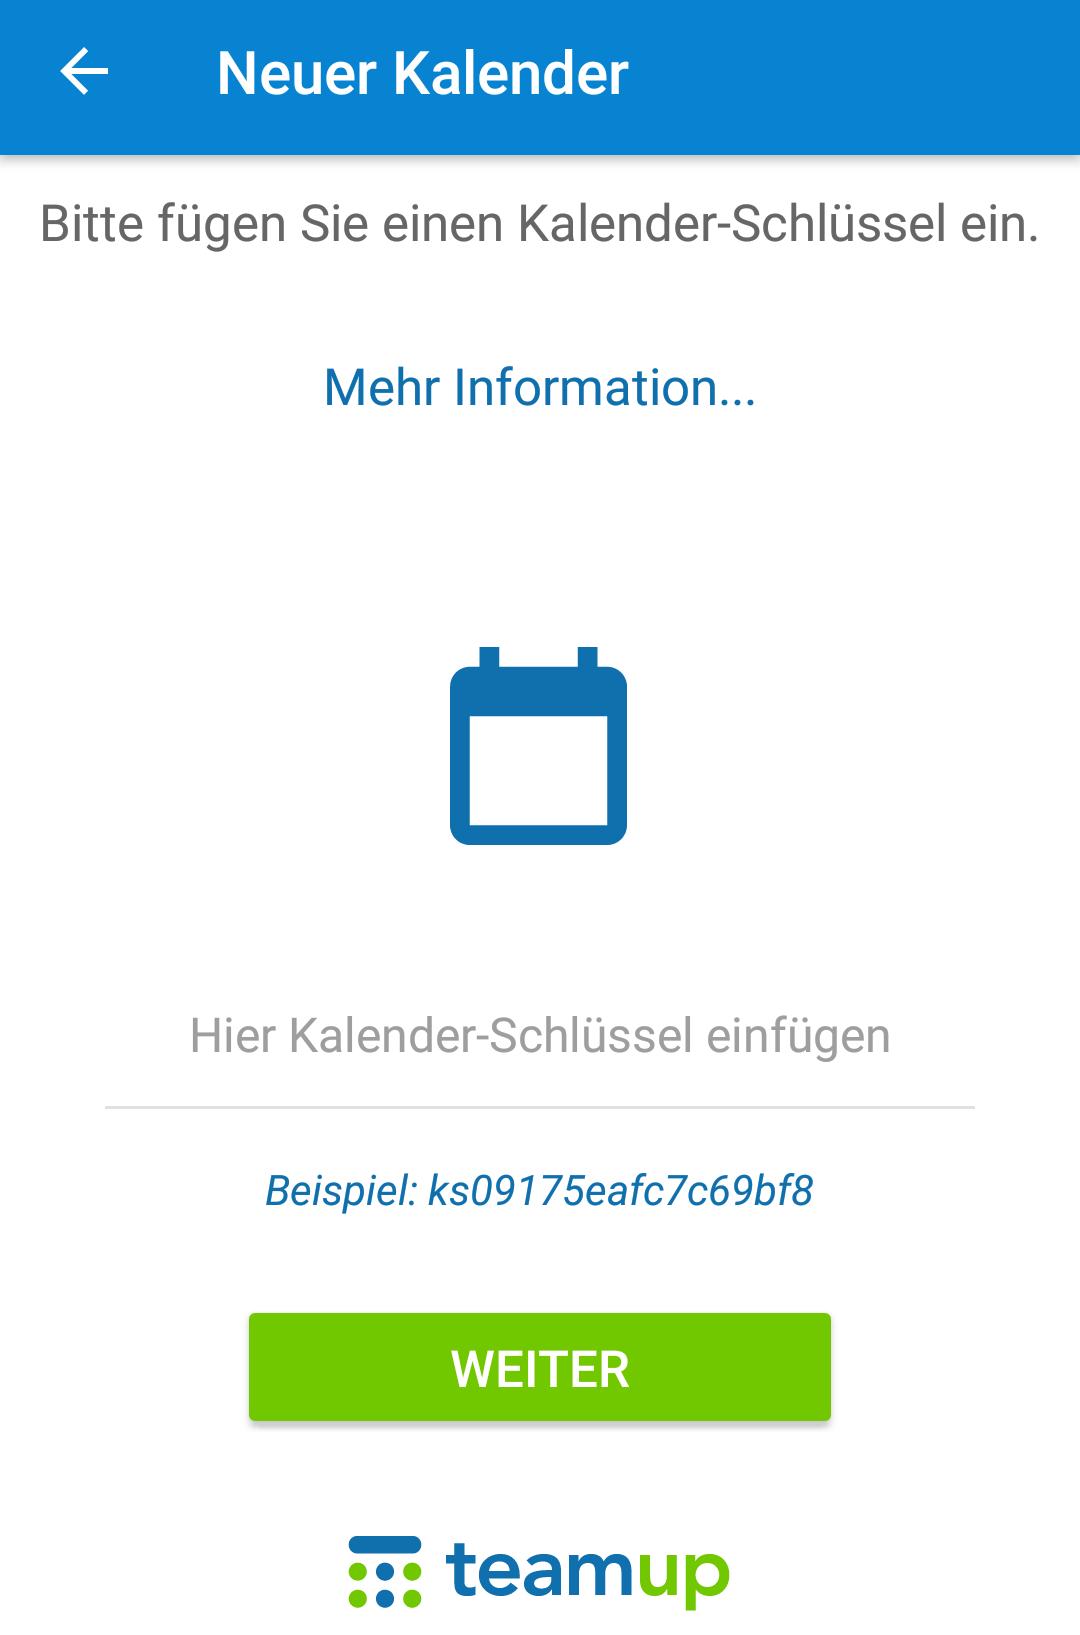 Um einen Kalender in der App hinzuzufügen markiert und kopiert ihr bitte den Kalender-Schlüssel und fügt diesen in der App wieder ein.